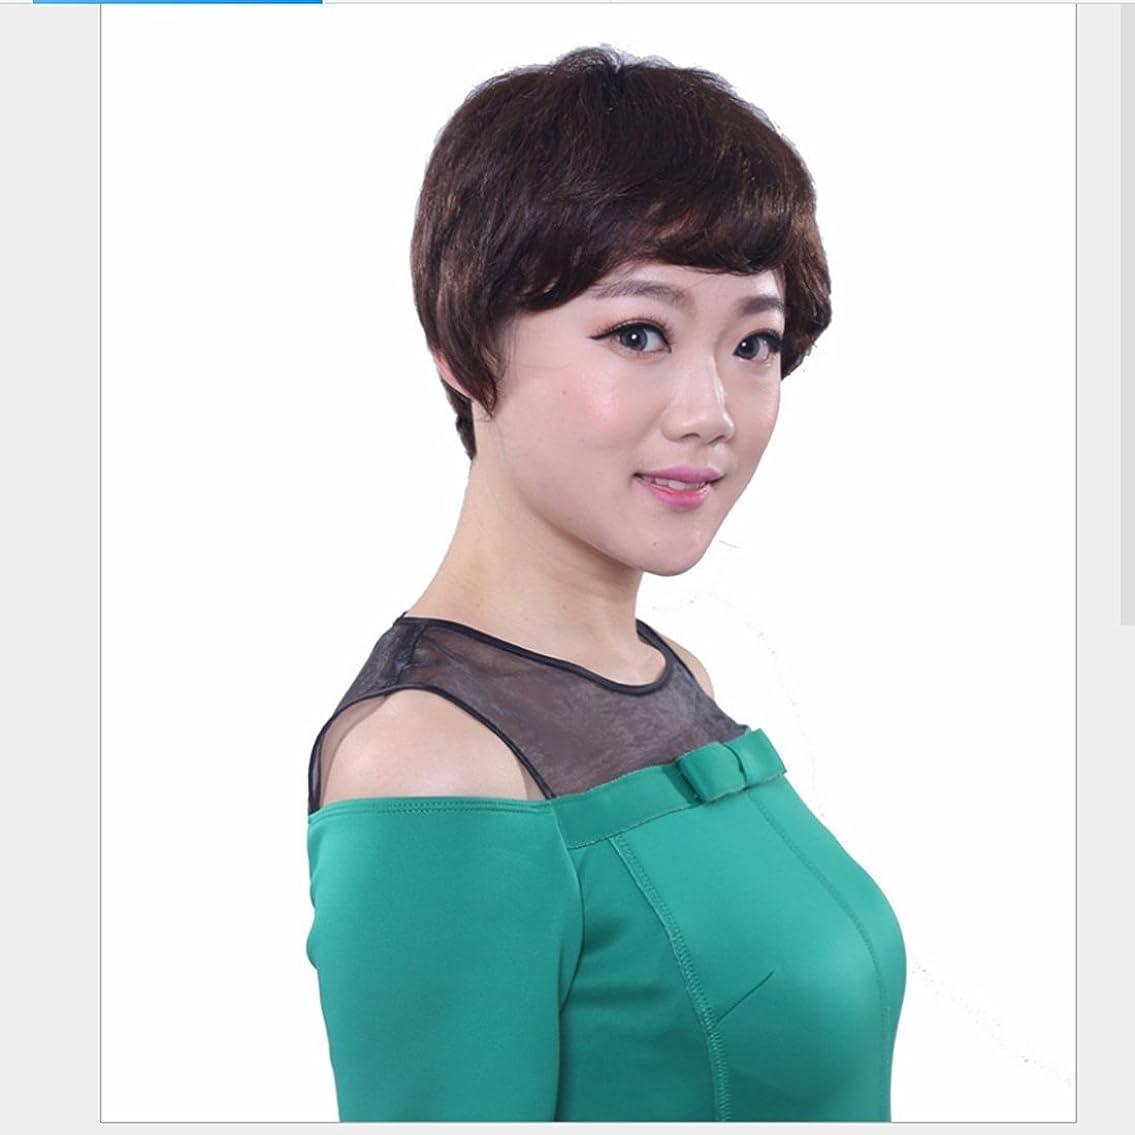 逆ロッカーナインへKoloeplf (ダークブラウン)26cmリアルディープブラウンウィッグ女性のための短いカールヘアリアルなナチュラルカールのウィッグ斜めのバンズとふわふわの毛小壊れた髪のかつら (Color : Dark brown)